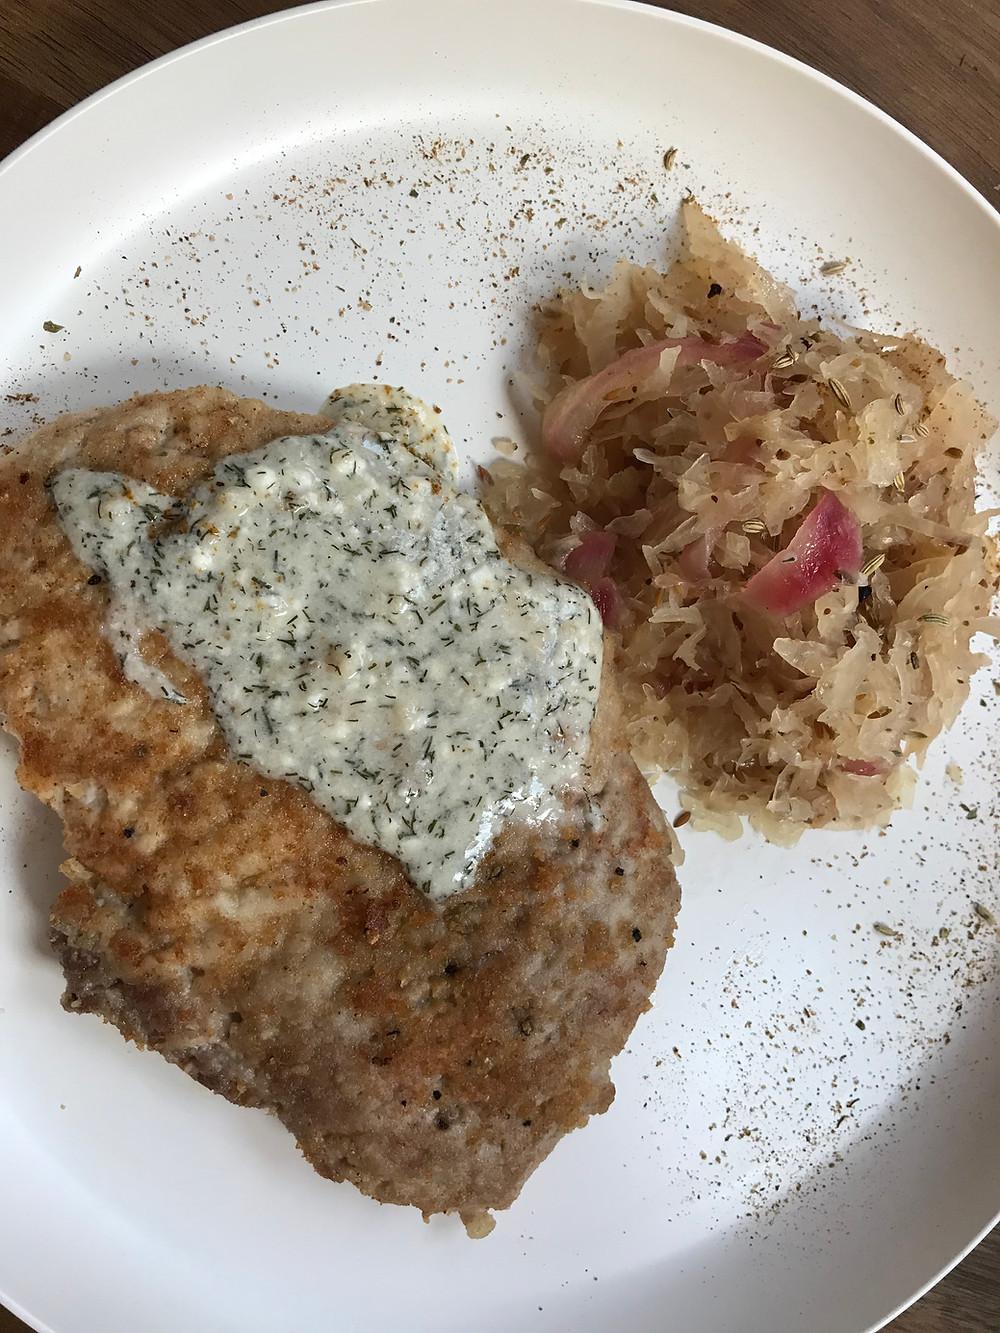 schnitzel with sauerkraut